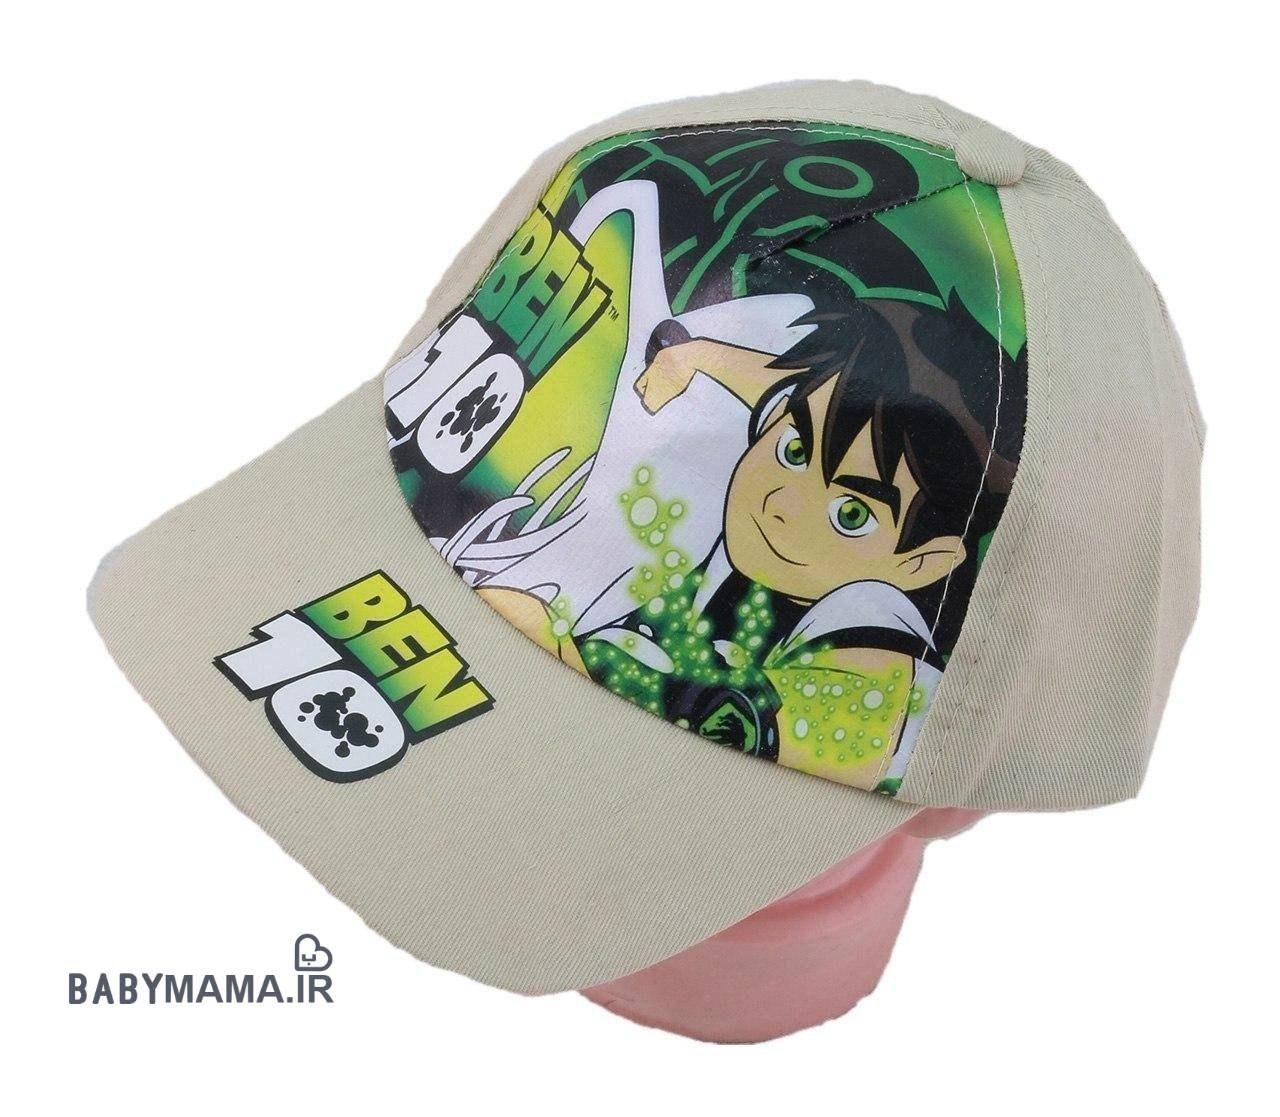 عکس کلاه نقابدار کودک کارتونی (بن تن، مردعنکبوتی، مینیون)  کلاه-نقابدار-کودک-کارتونی-بن-تن-مردعنکبوتی-مینیون